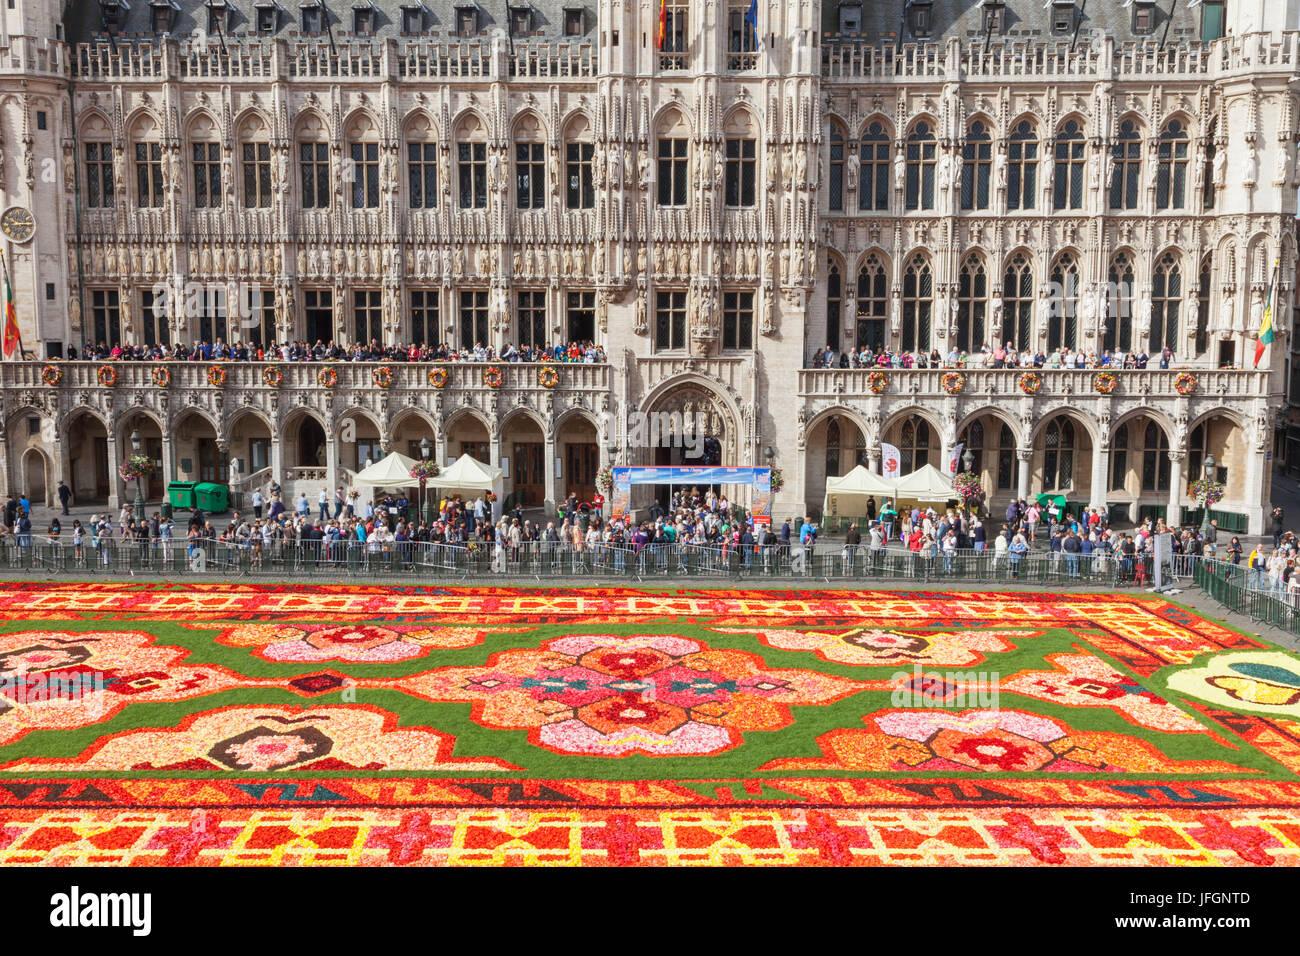 Tappeto Floreale Bruxelles : Il tappeto di fiori a bruxelles